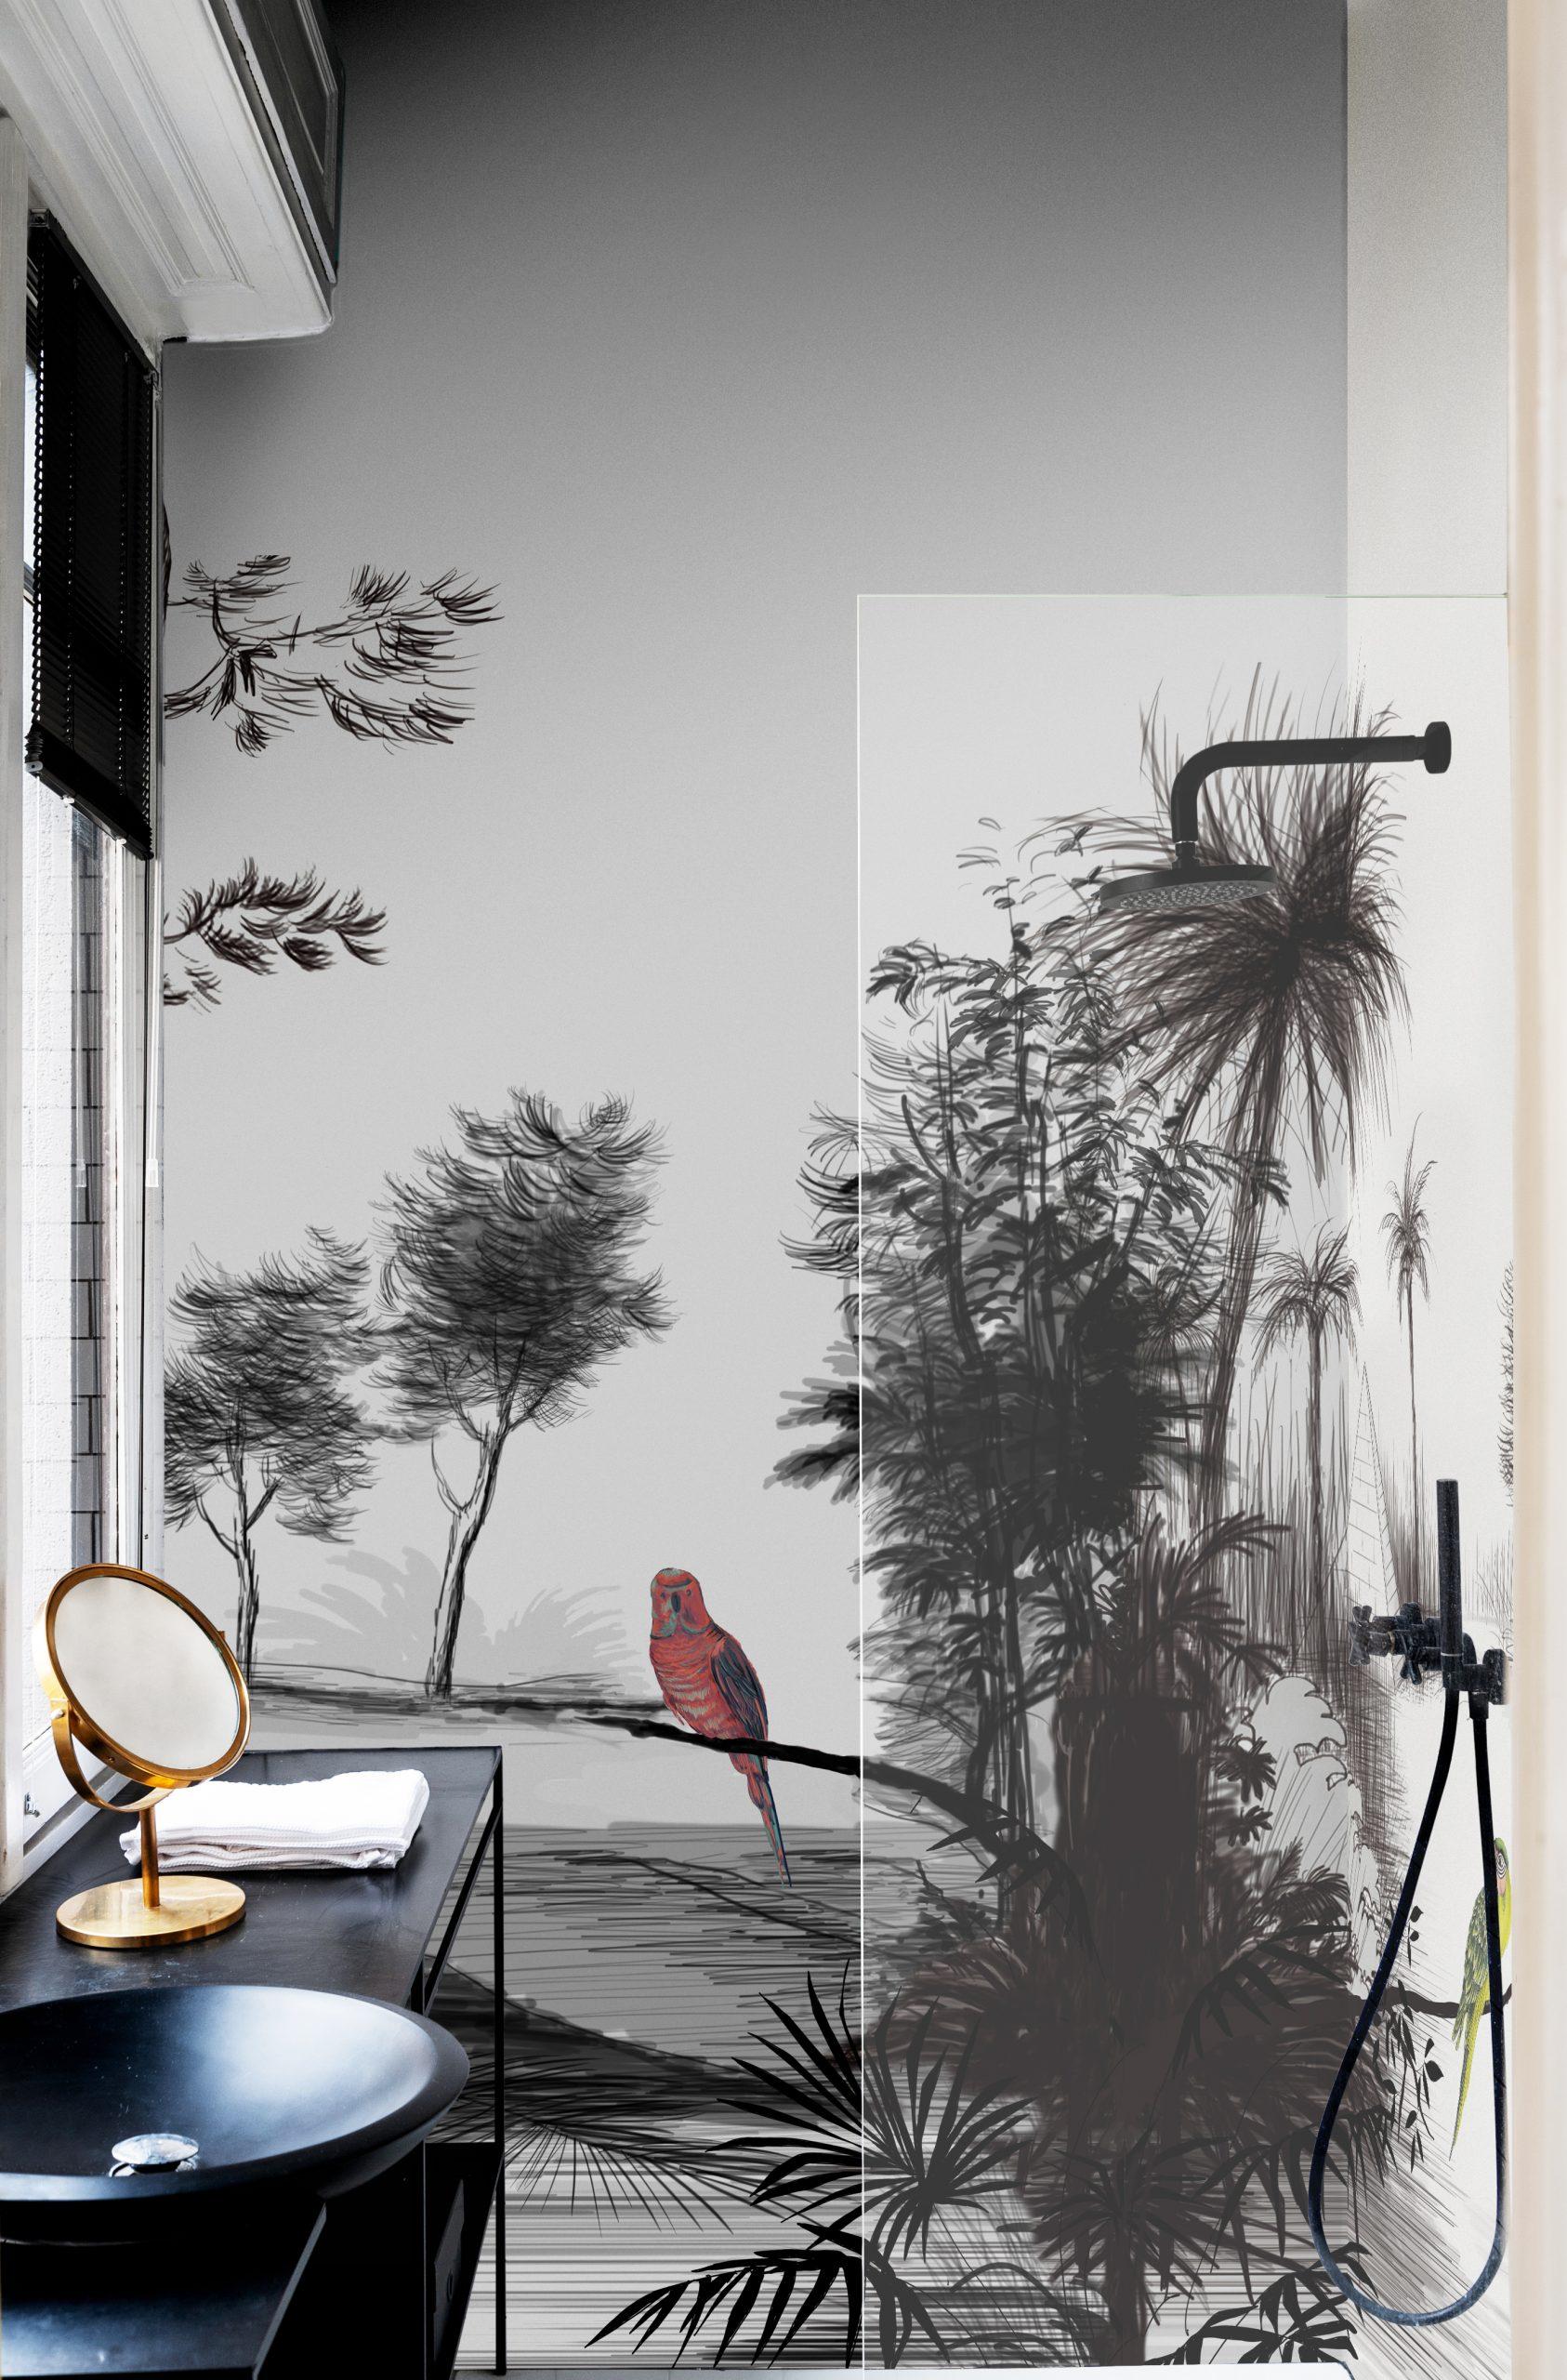 IMAGINARY PARADISE - Wall&Deco